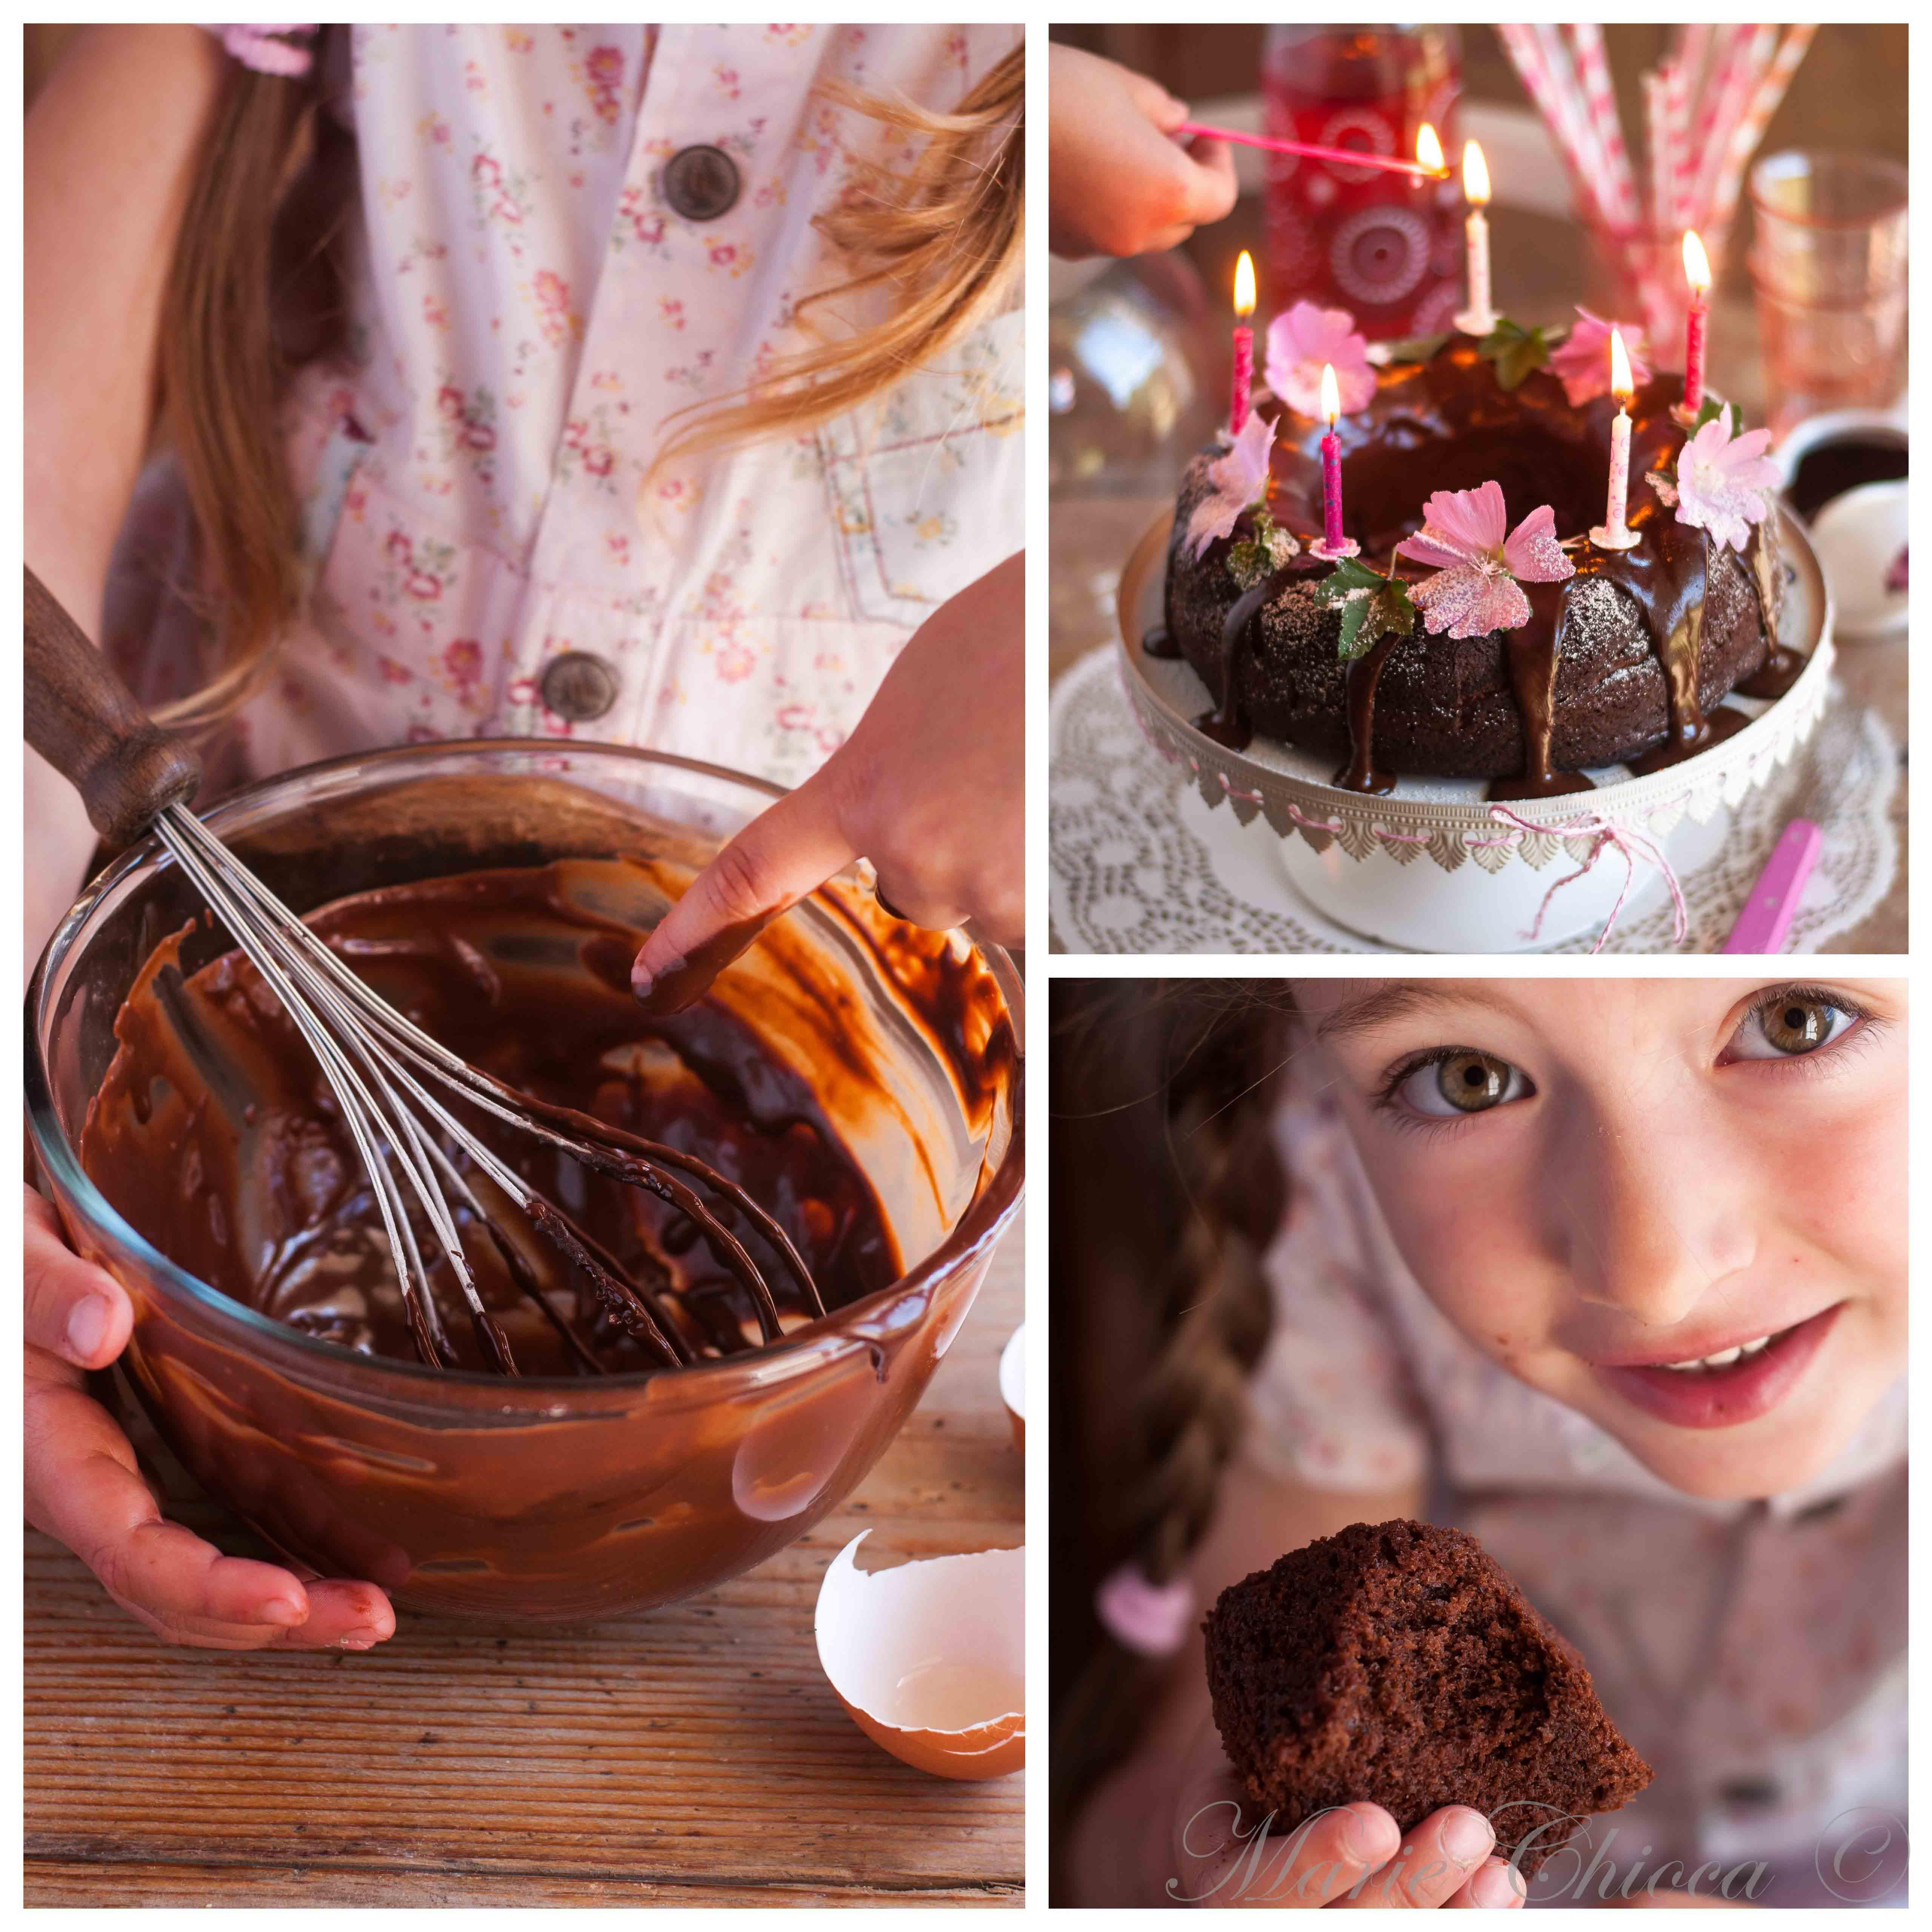 13-bon-moelleux-au-chocolat-1montage-2